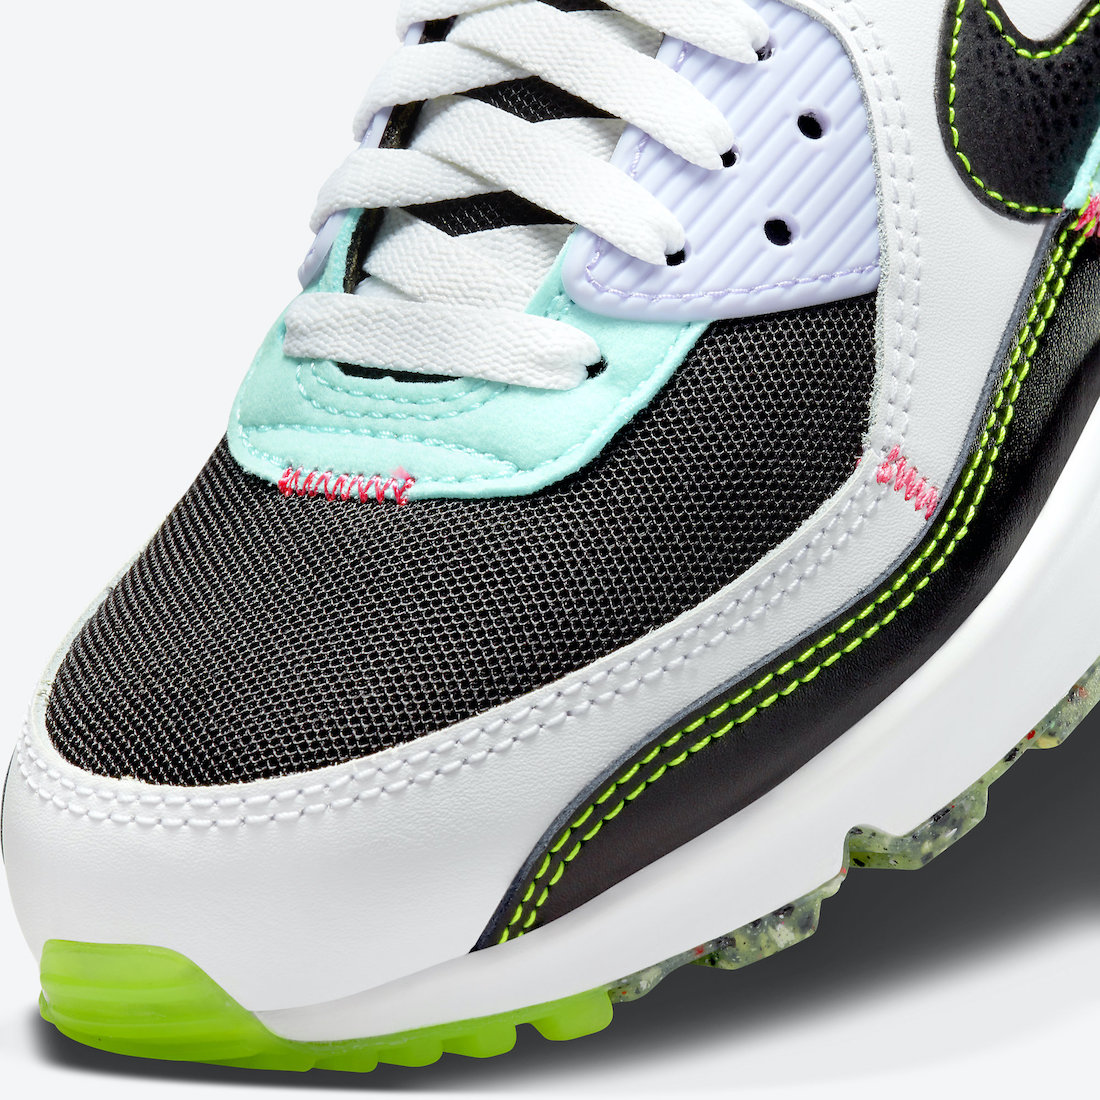 Air Max 90,Nike,曝光  黑白撞色设计 + 解构风!Air Max 90 全新配色曝光!